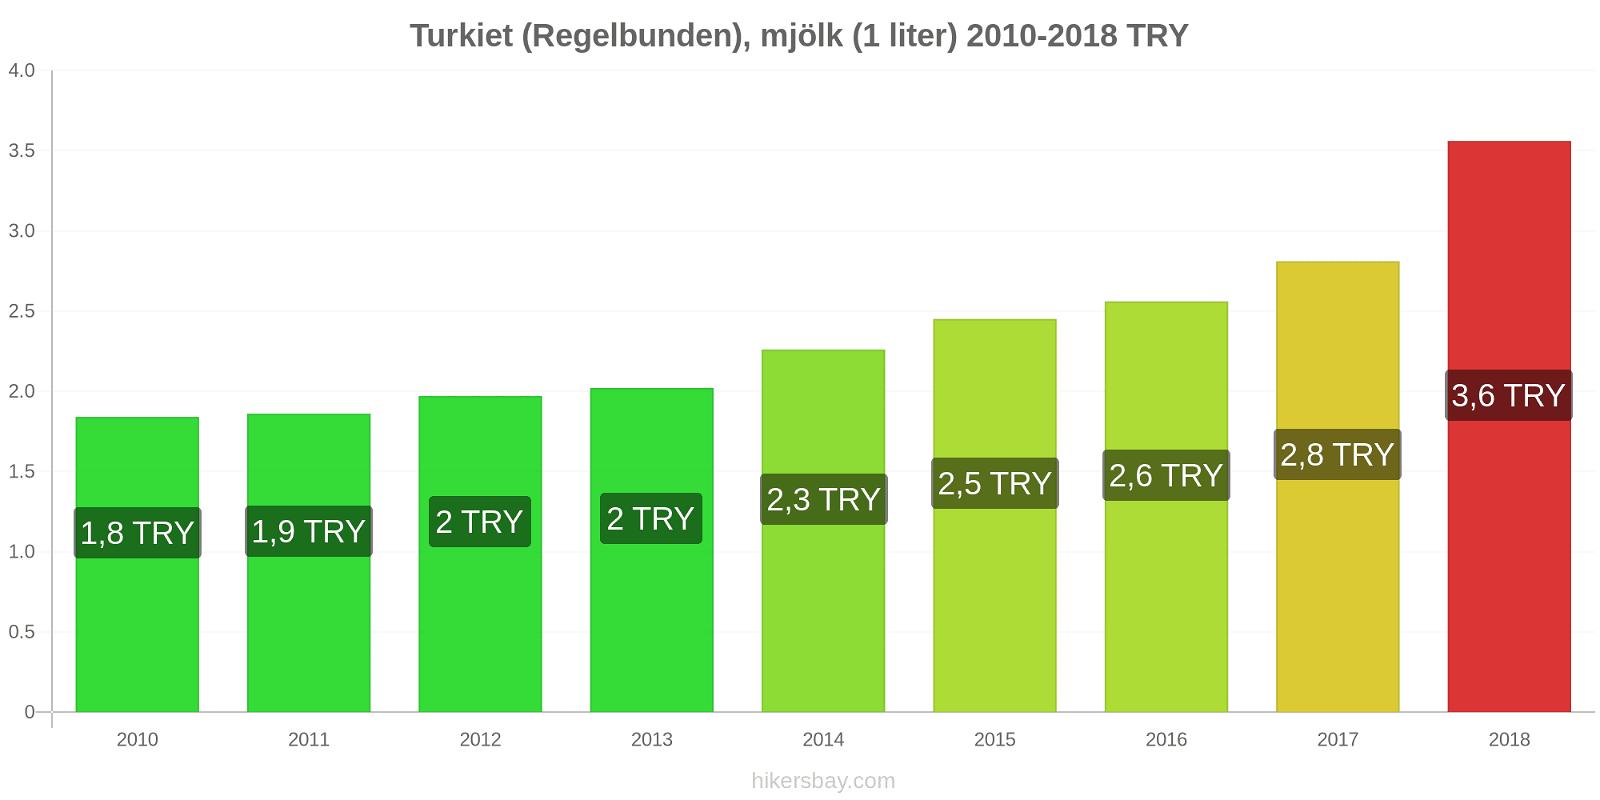 Turkiet prisförändringar (Regelbunden), mjölk (1 liter) hikersbay.com